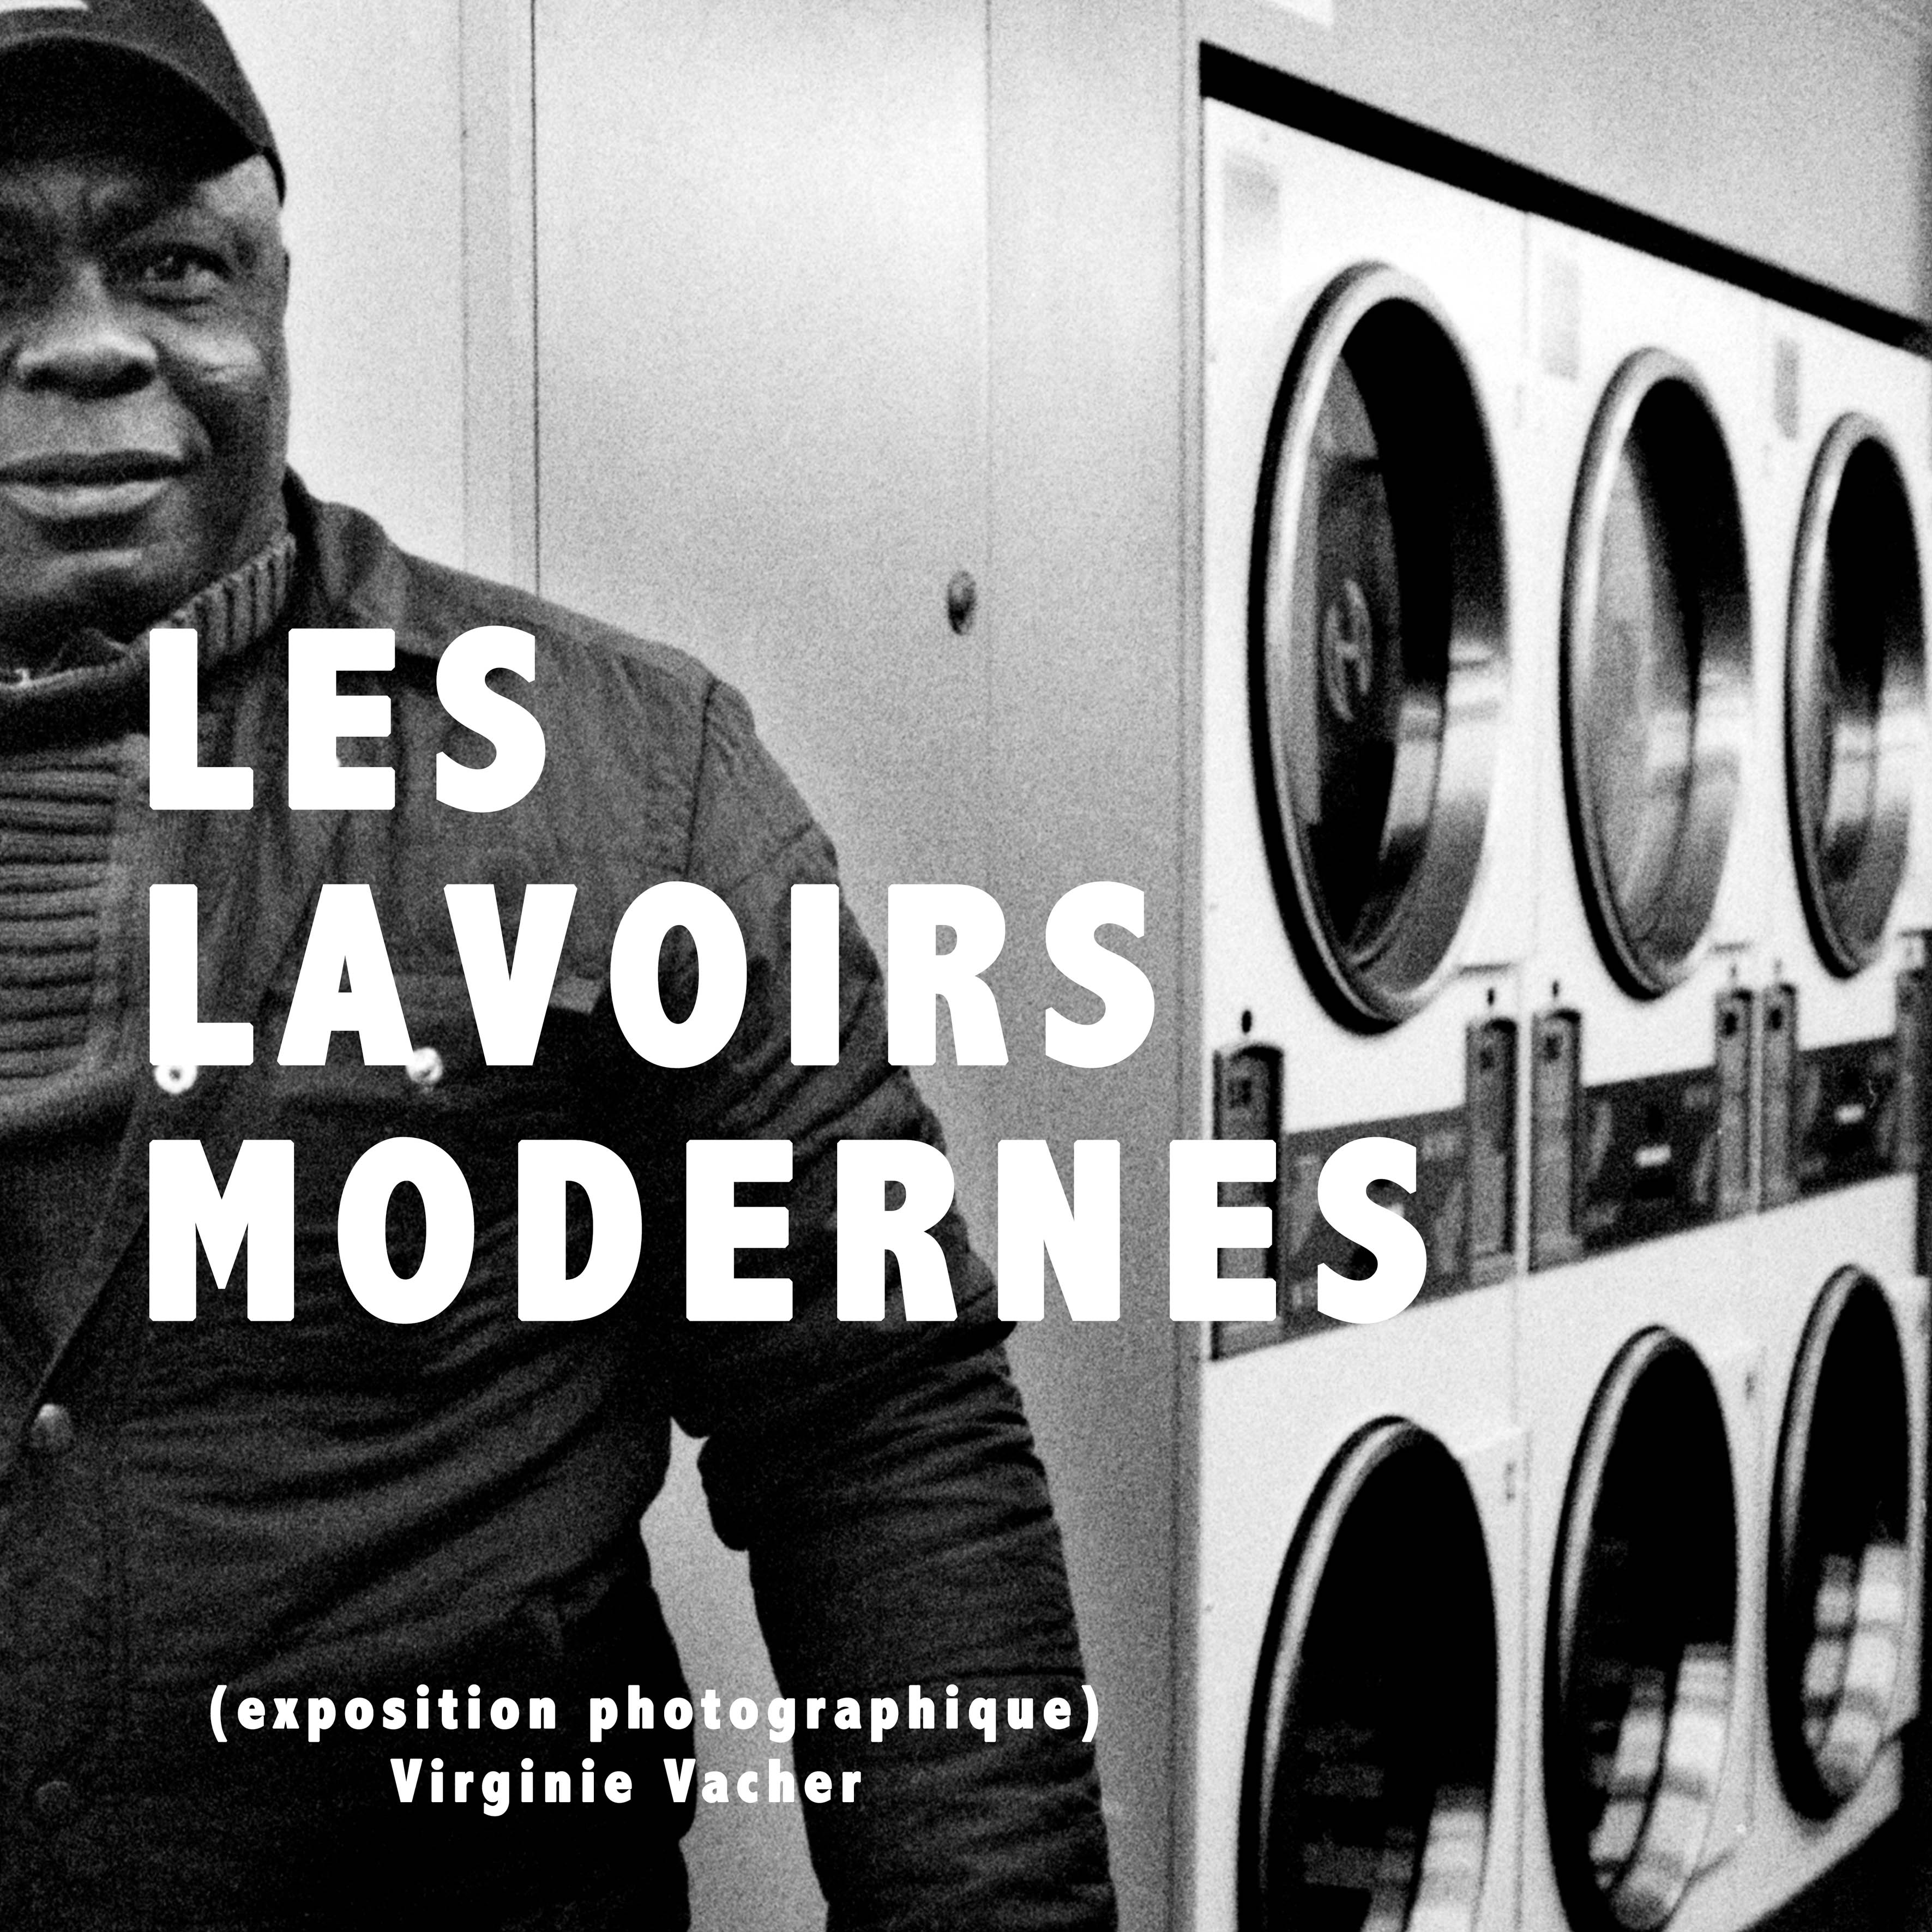 Galerie Daguerre : Les lavoirs modernes, du 7 au 17 février 2018,